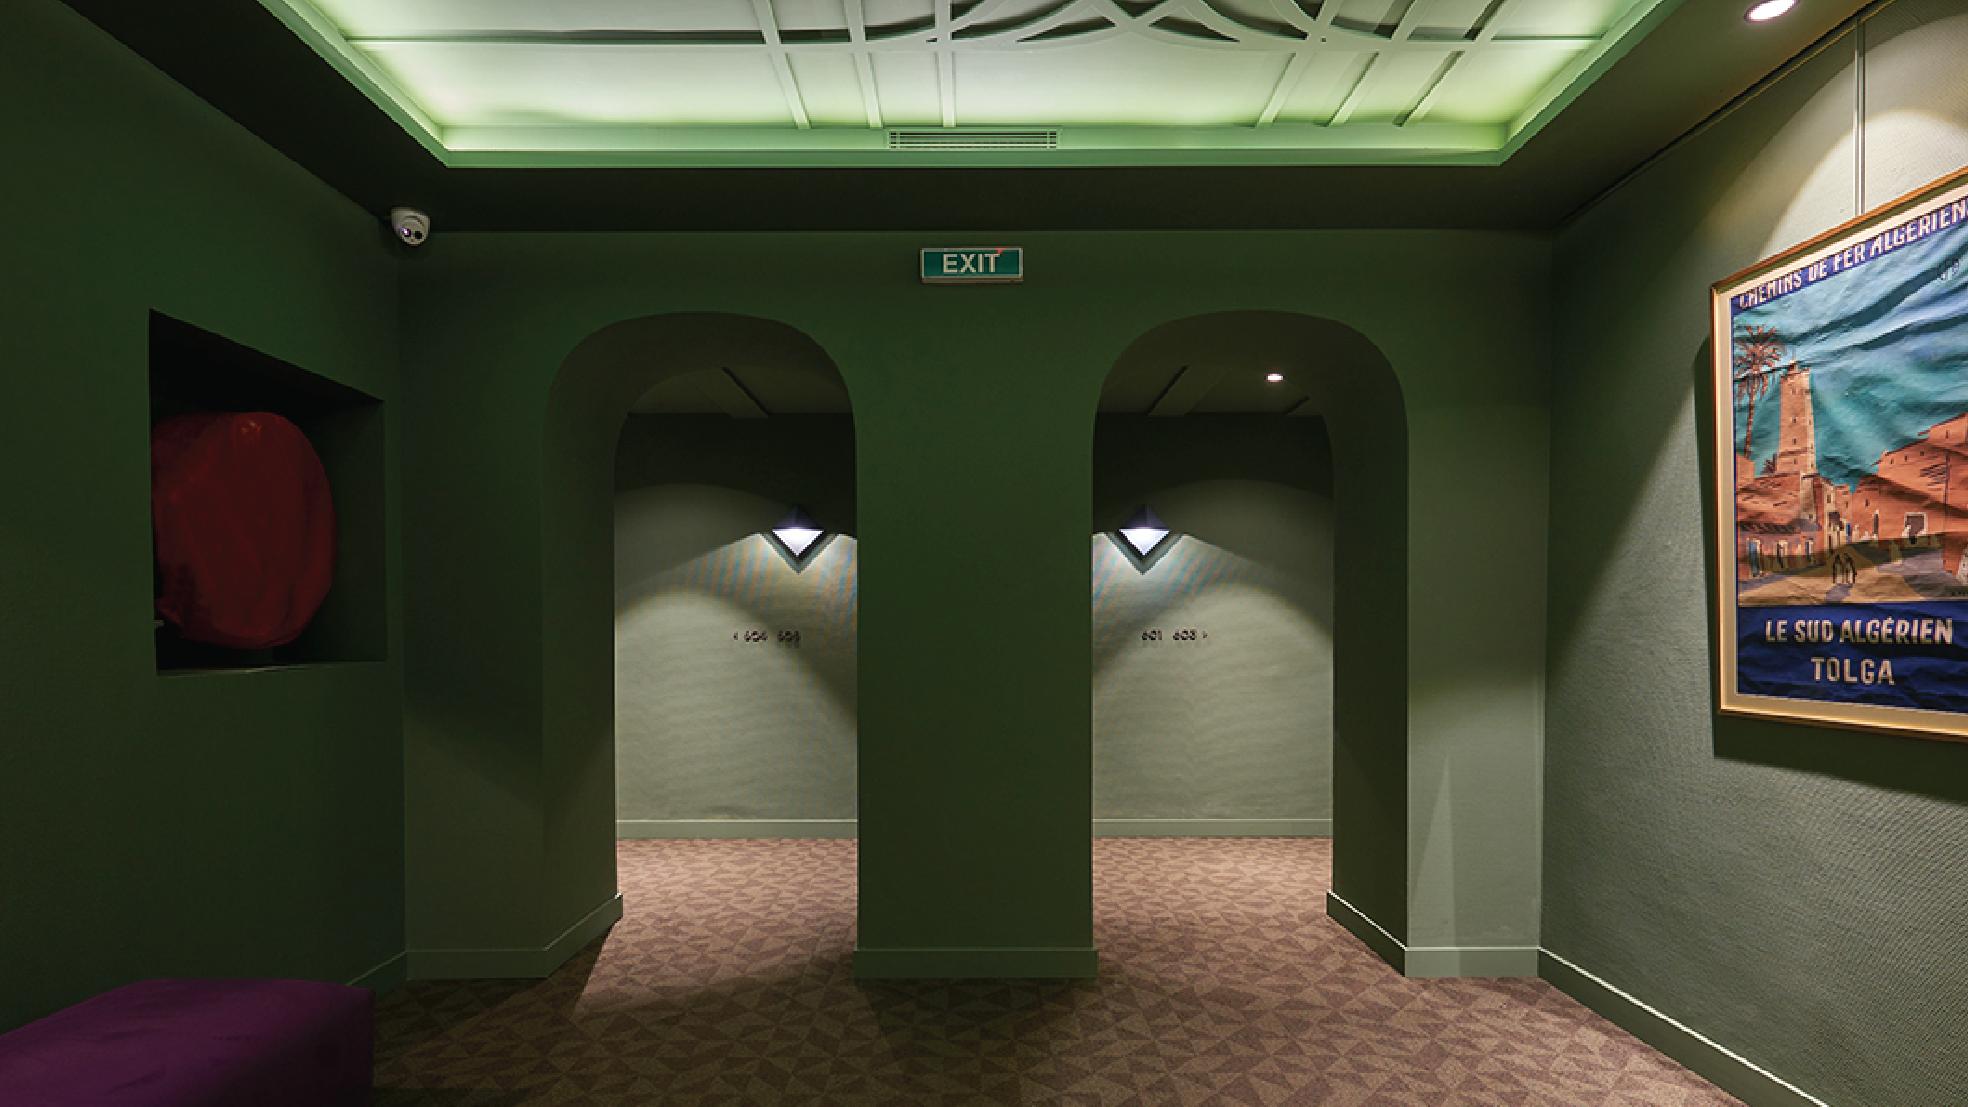 Hotel Hallways interior design